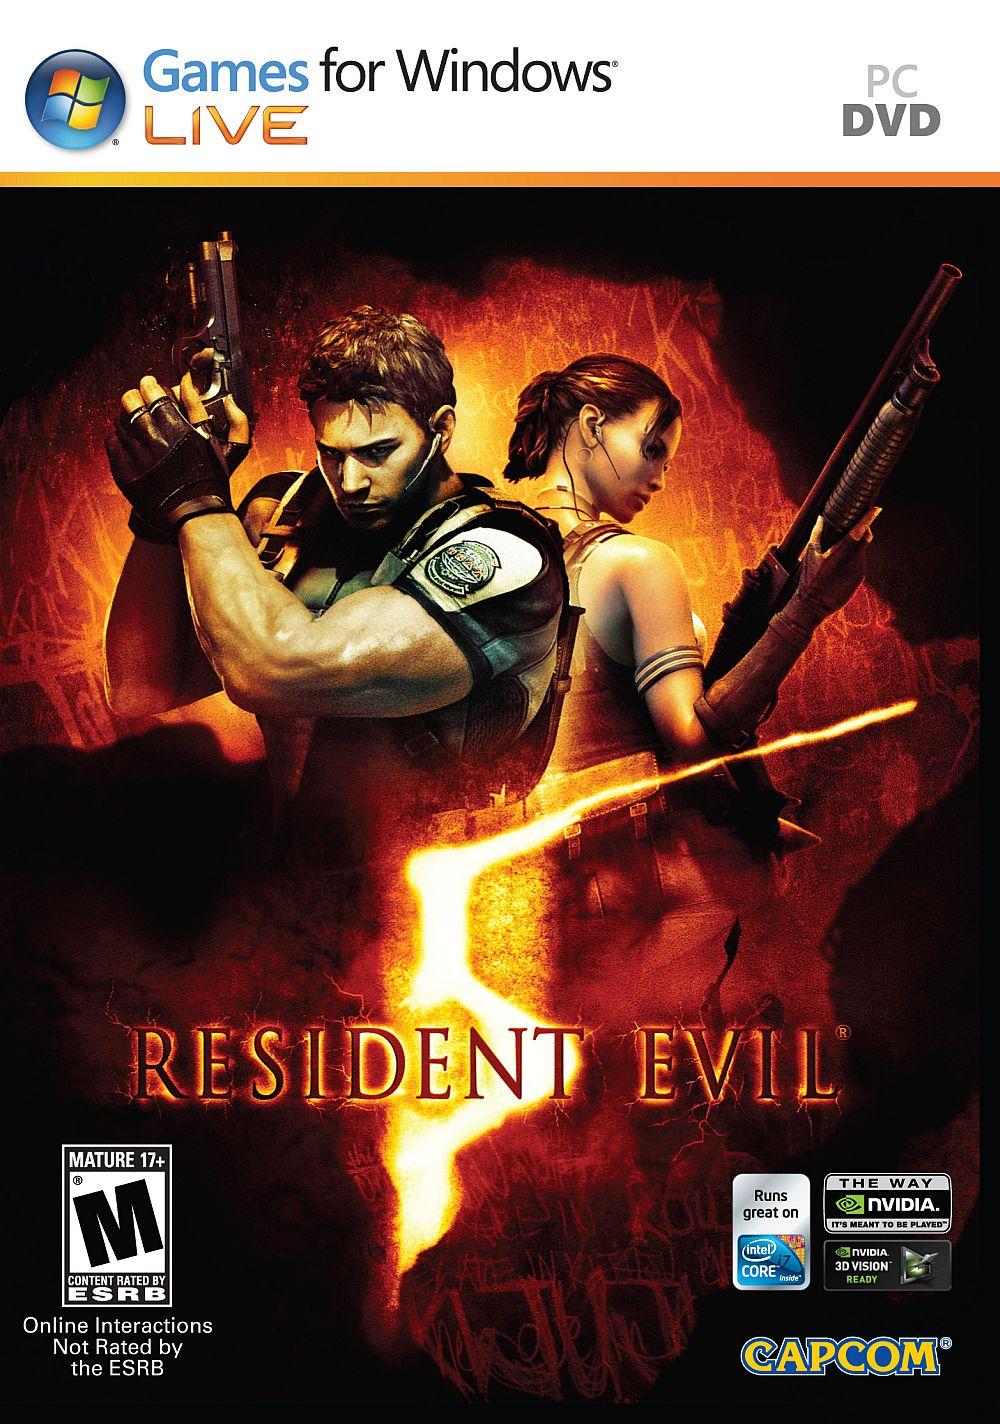 Resident Evil 5 (2009) RePack